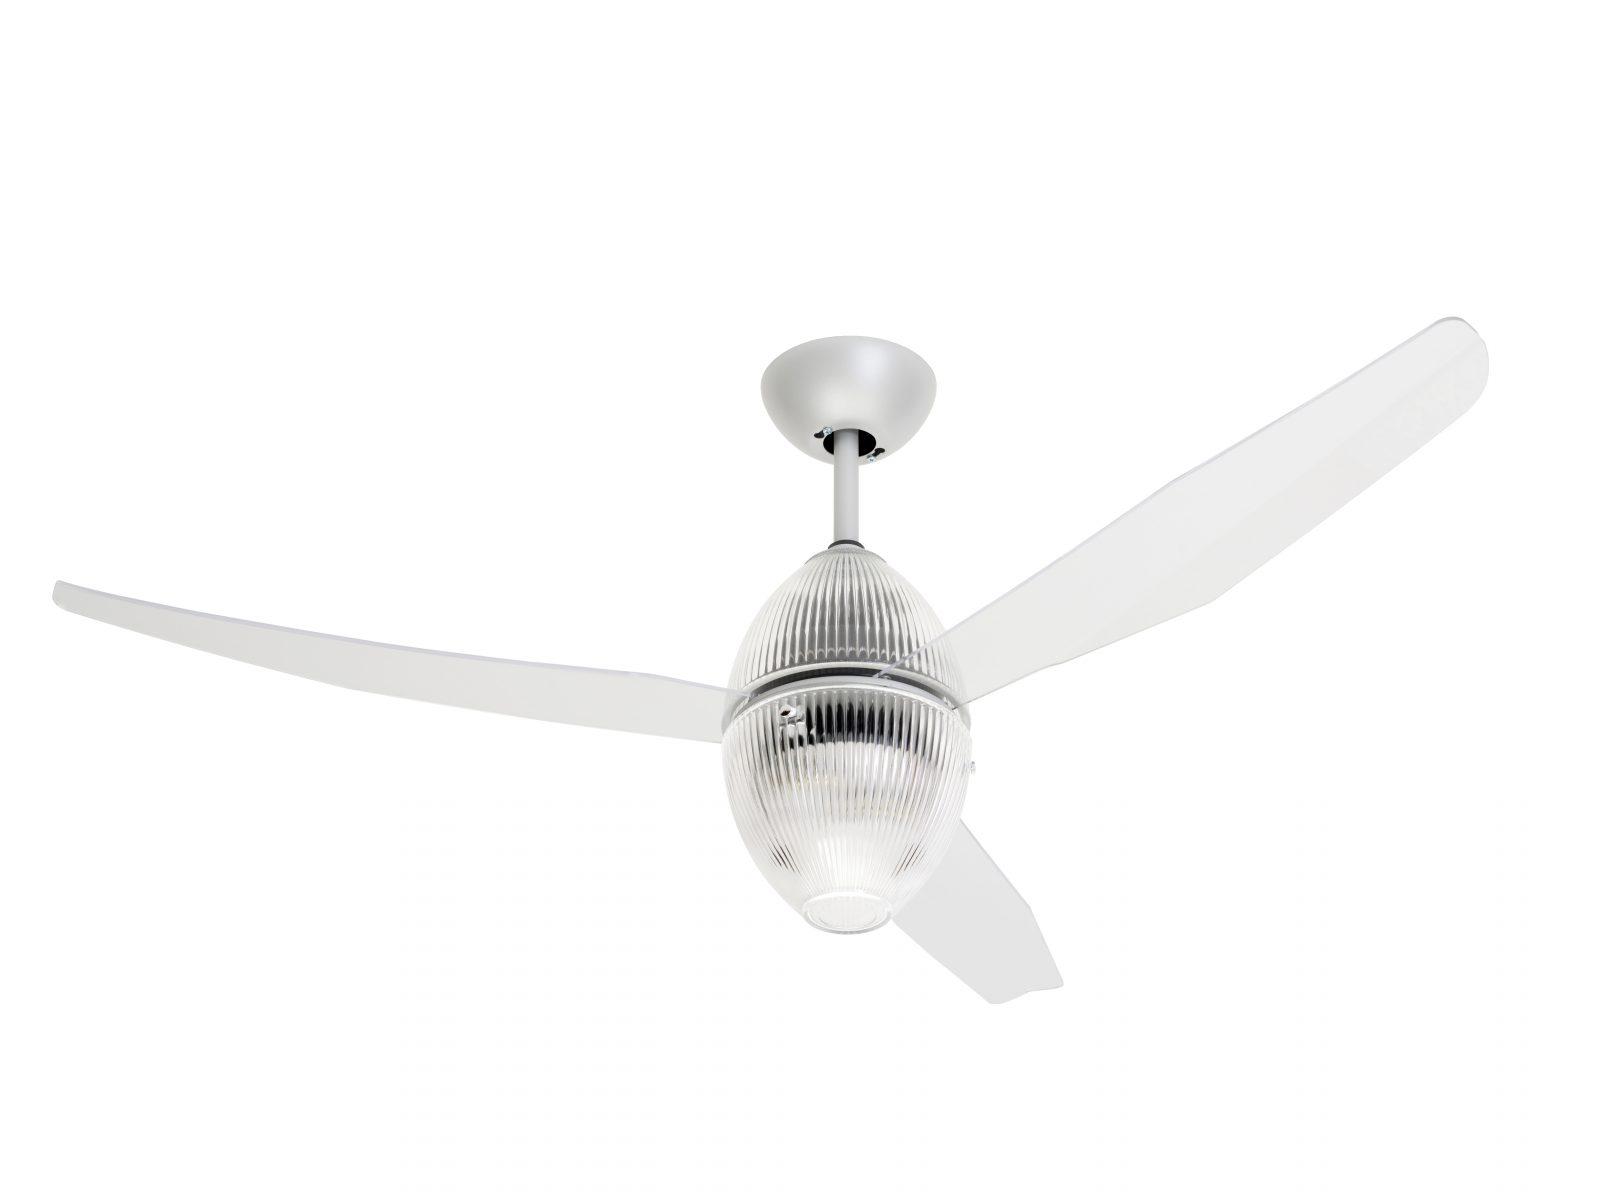 Ανεμιστήρας οροφής με διάφανα γυαλιά EOS ECO ceiling fan with transparent glass frame